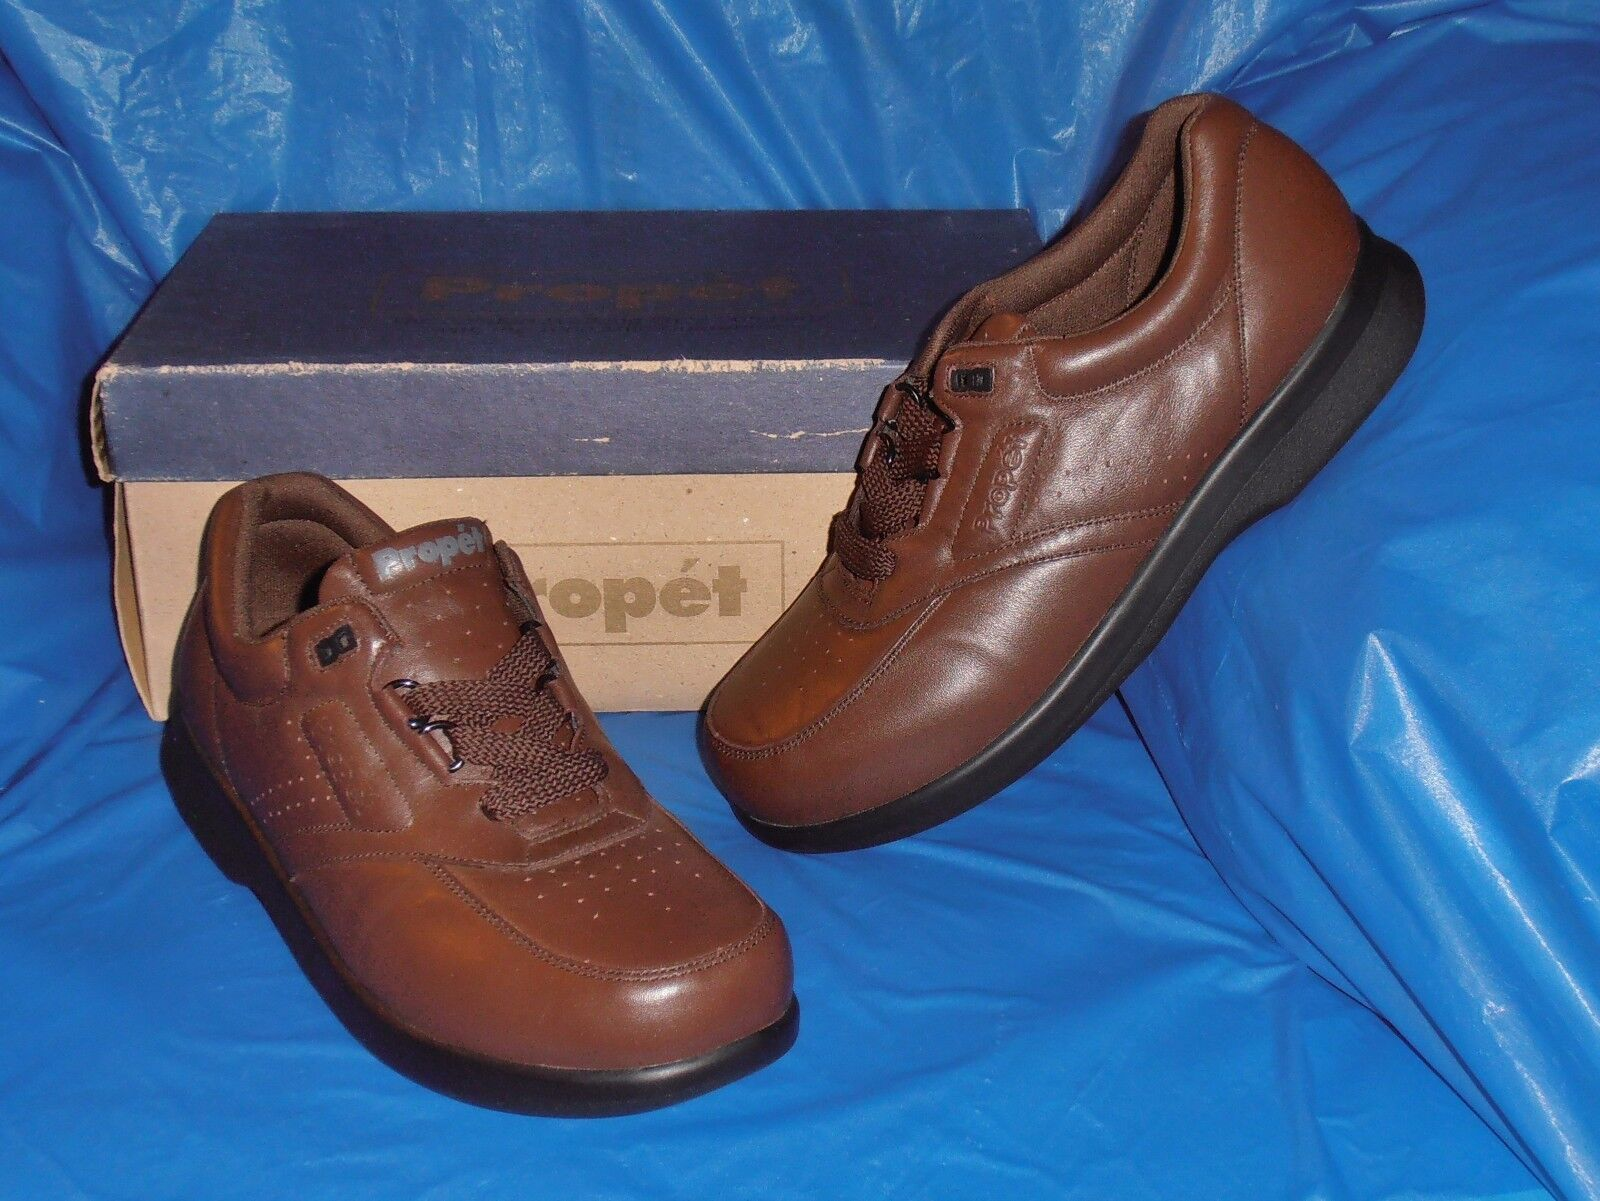 Propet M3910,  Uomo Brown Lite Comfort Walking Shoe.11 1/2 M